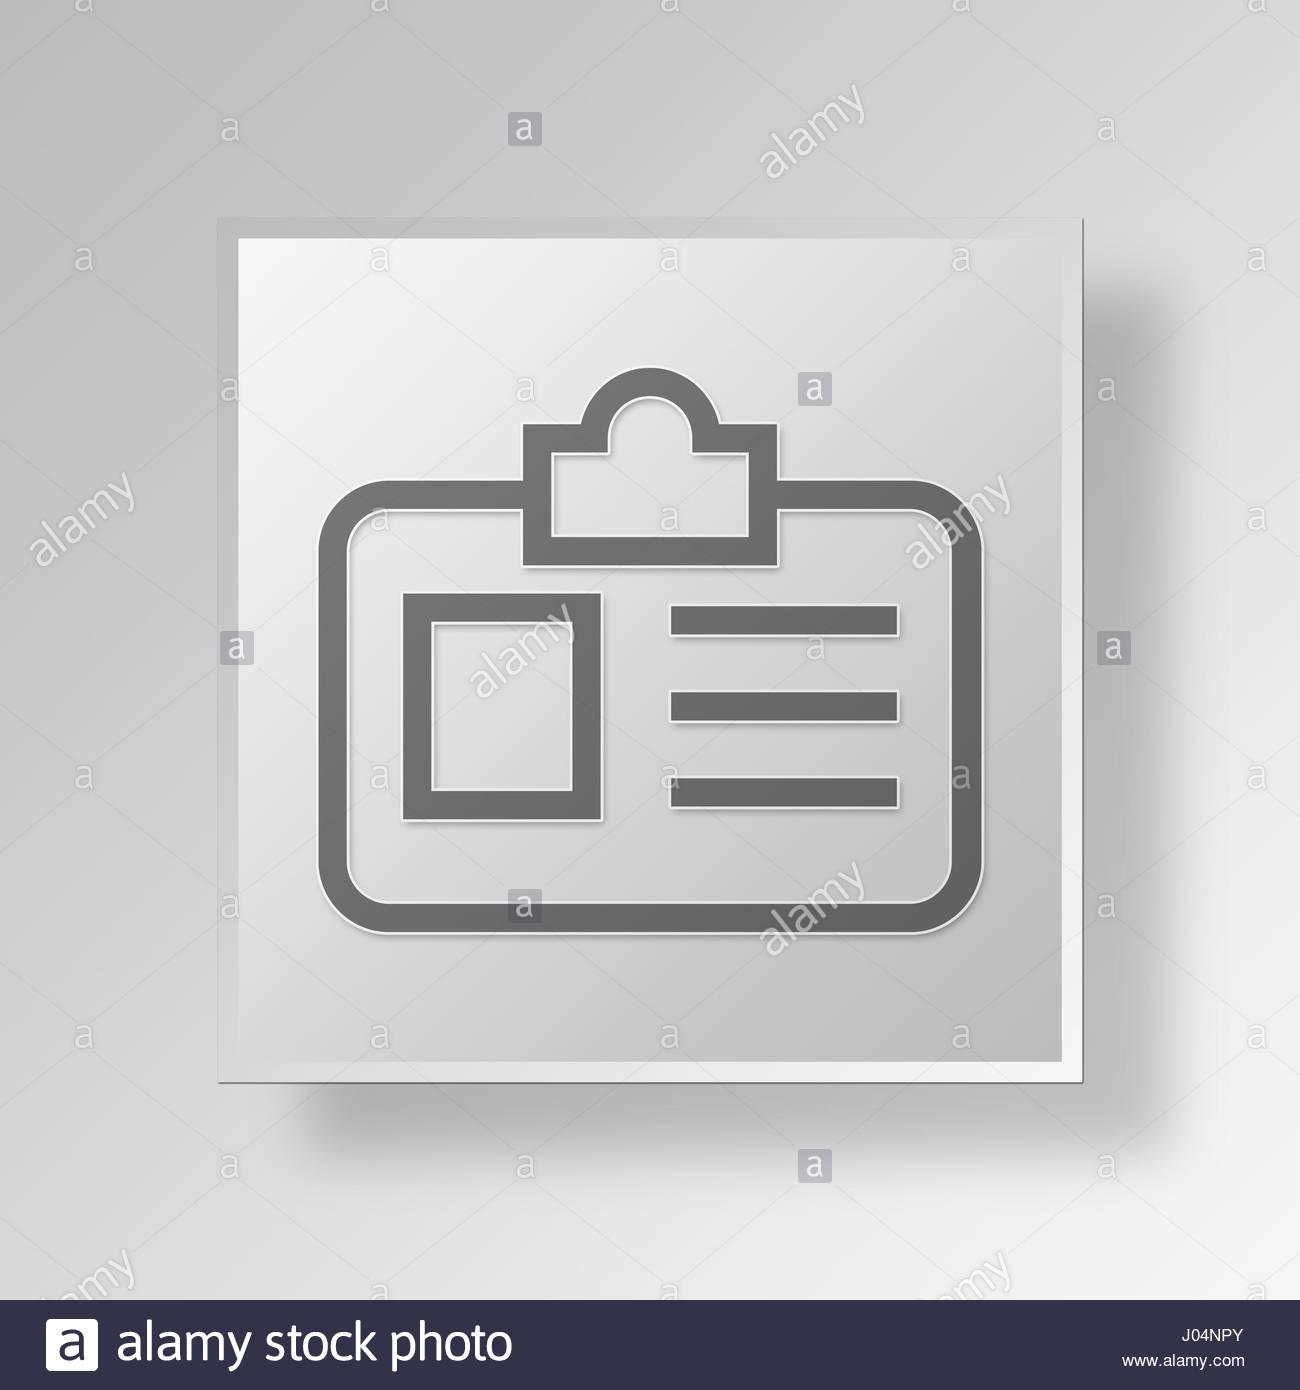 Großzügig Brieftasche Id Kartenvorlage Galerie - Entry Level Resume ...